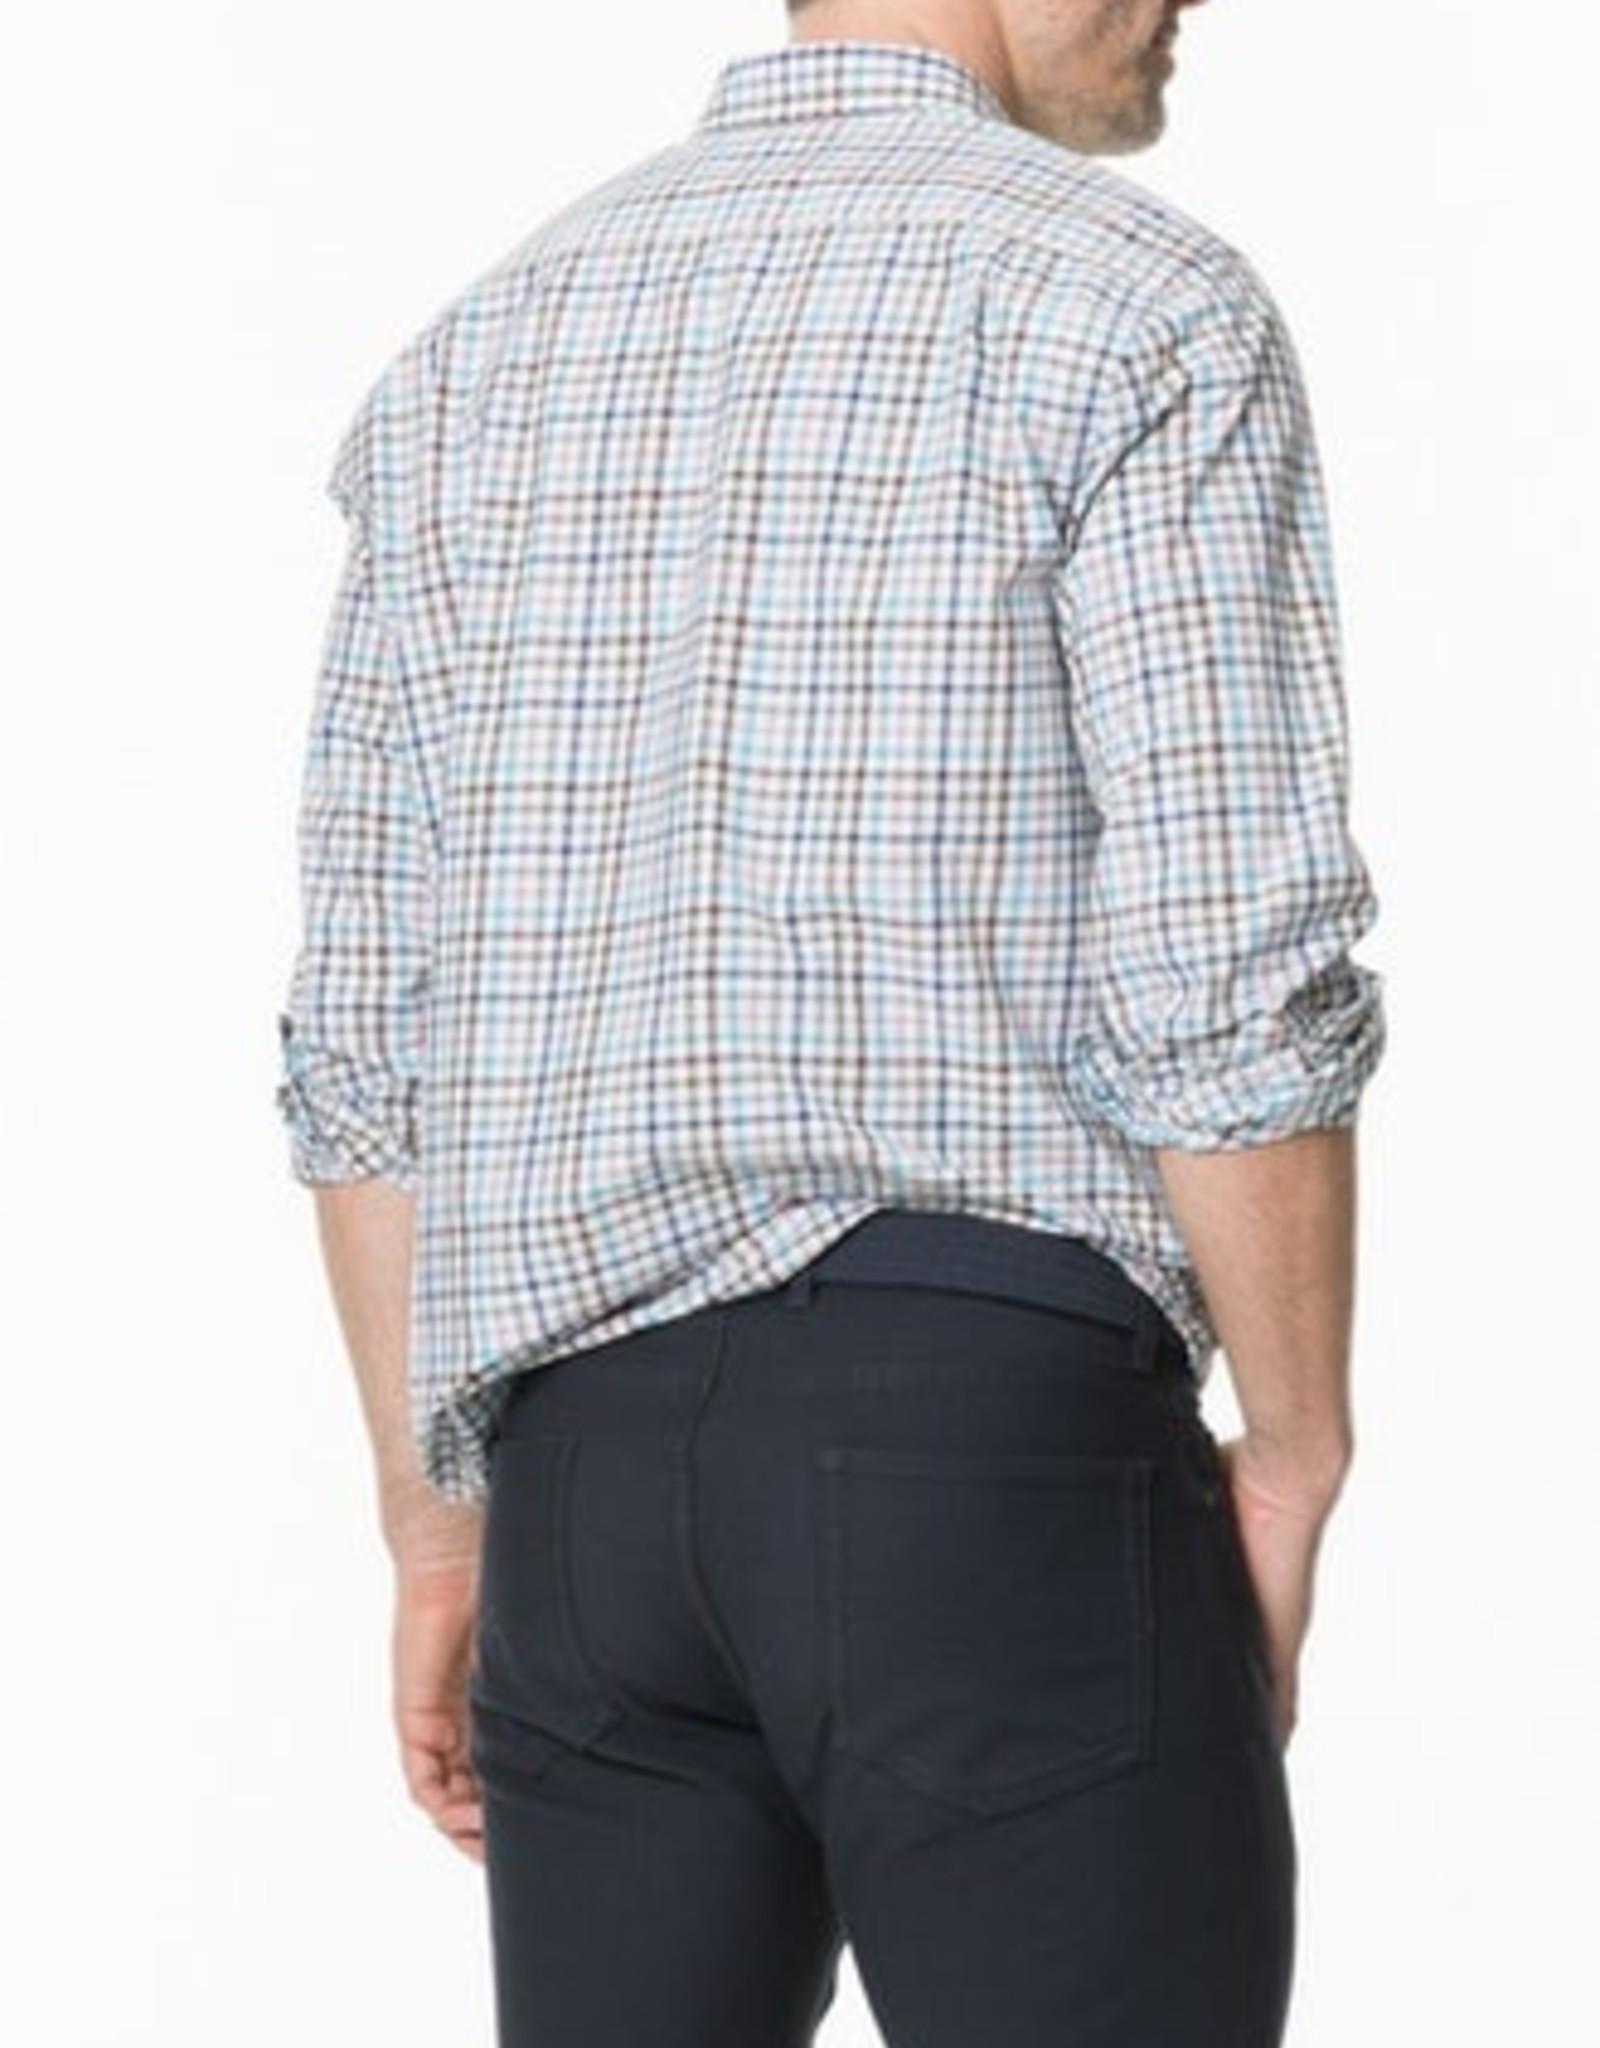 Rodd & Gunn Claverly Shirt